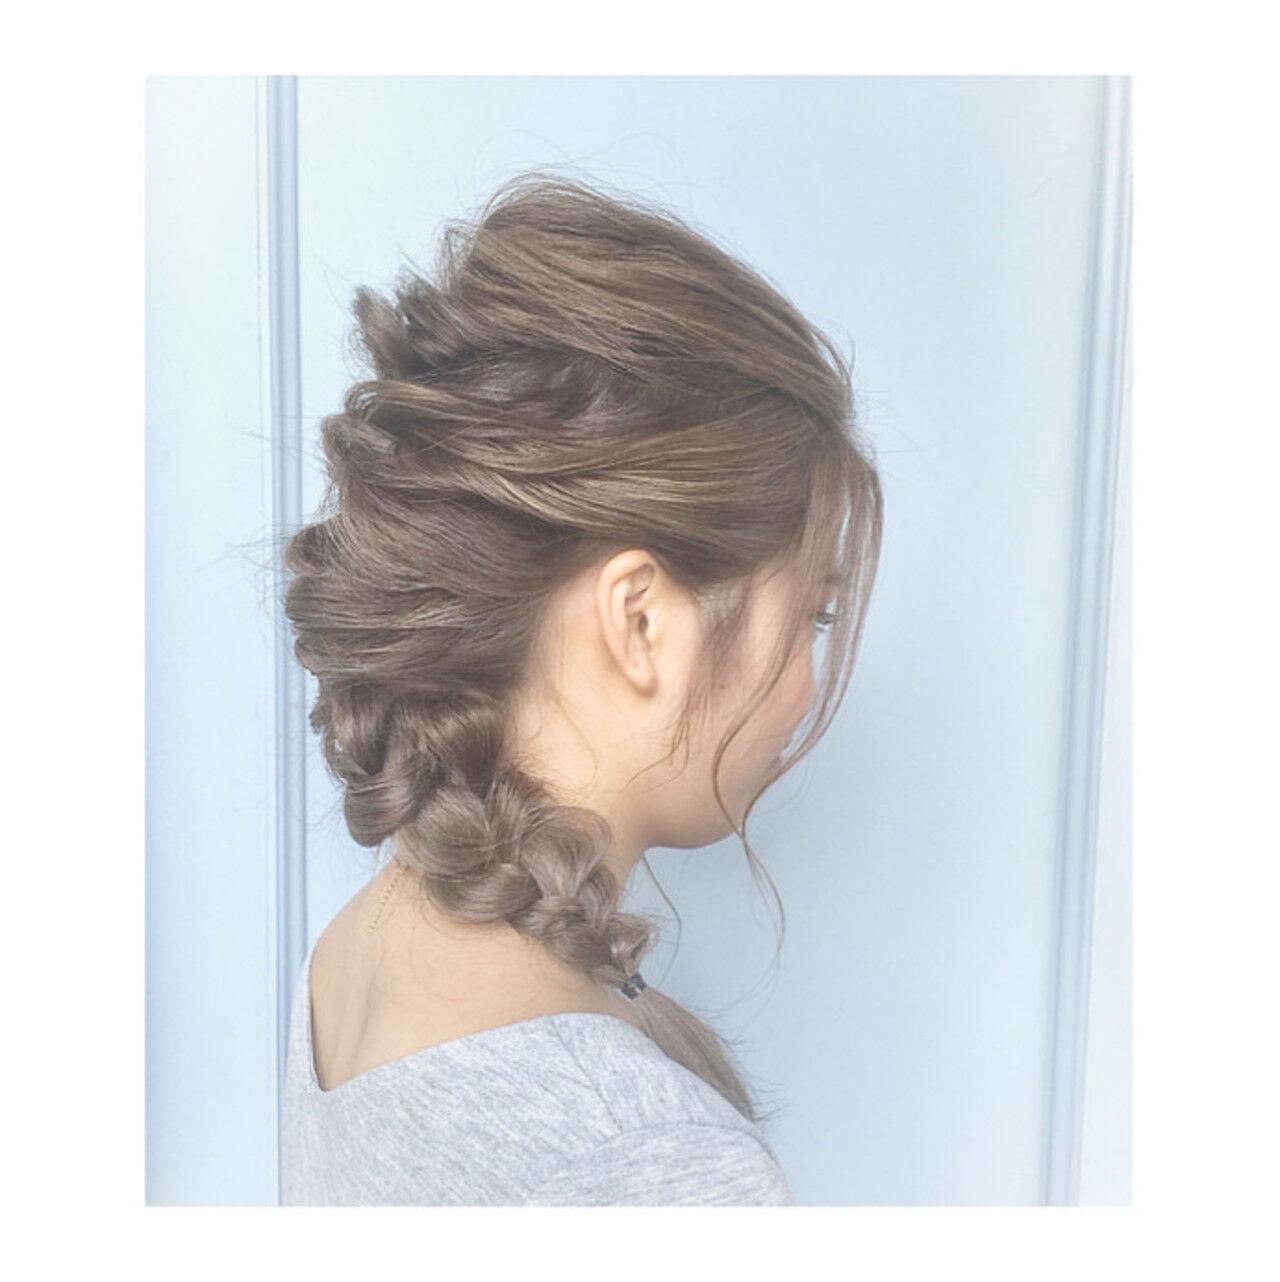 ロング ゆるふわ 外国人風 ヘアアレンジヘアスタイルや髪型の写真・画像